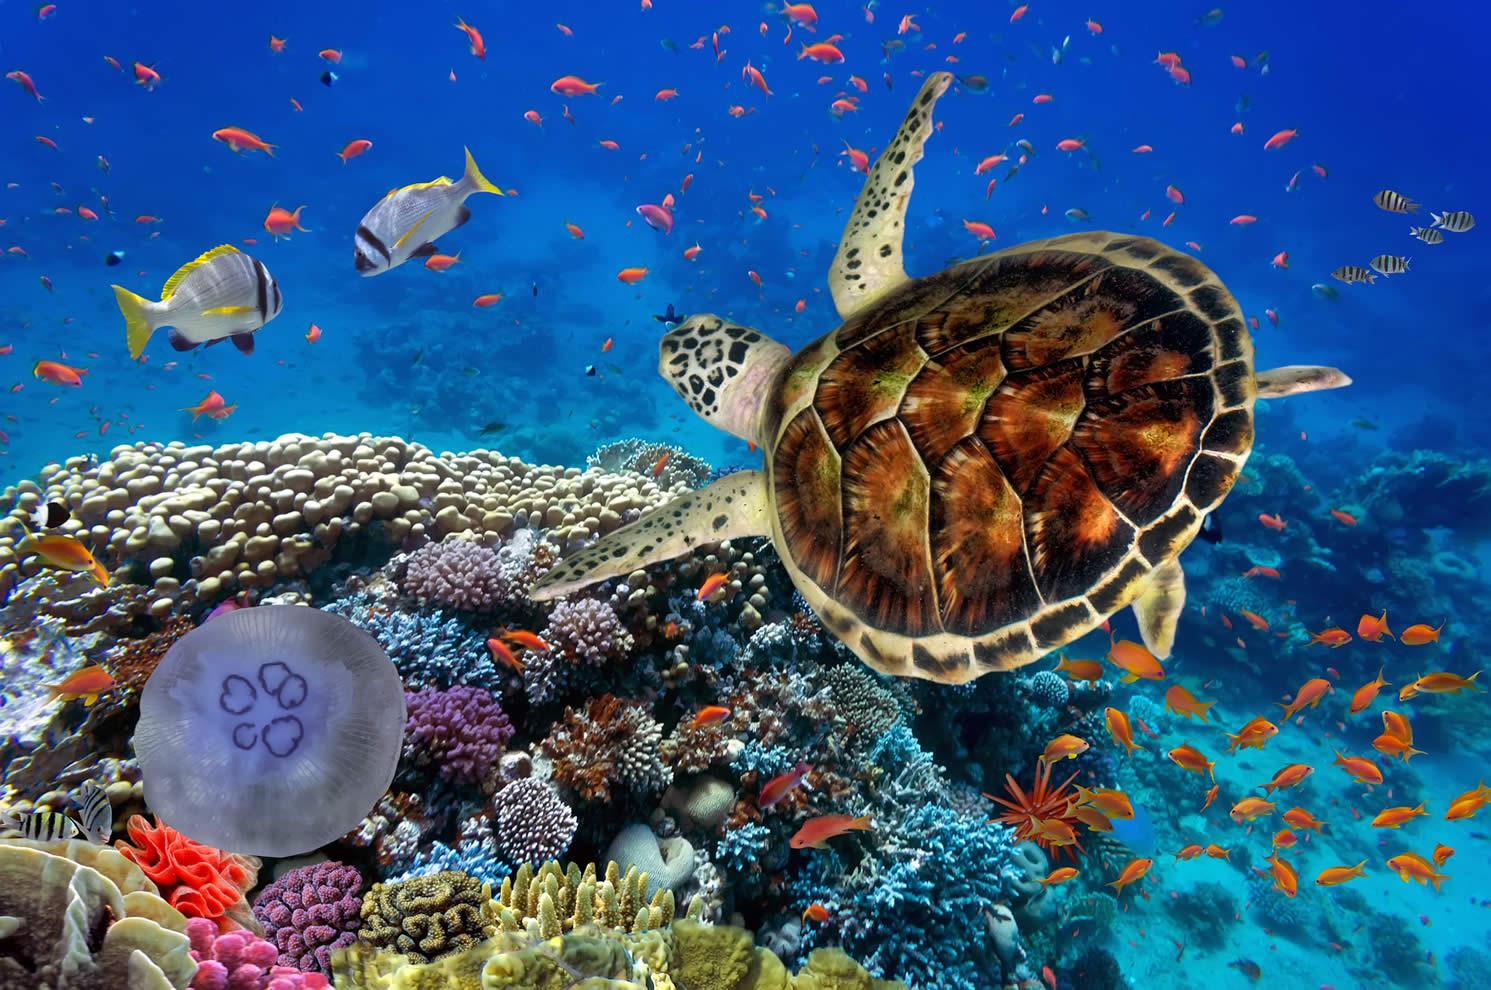 Festejo a la biodiversidad, en medio de su extinción